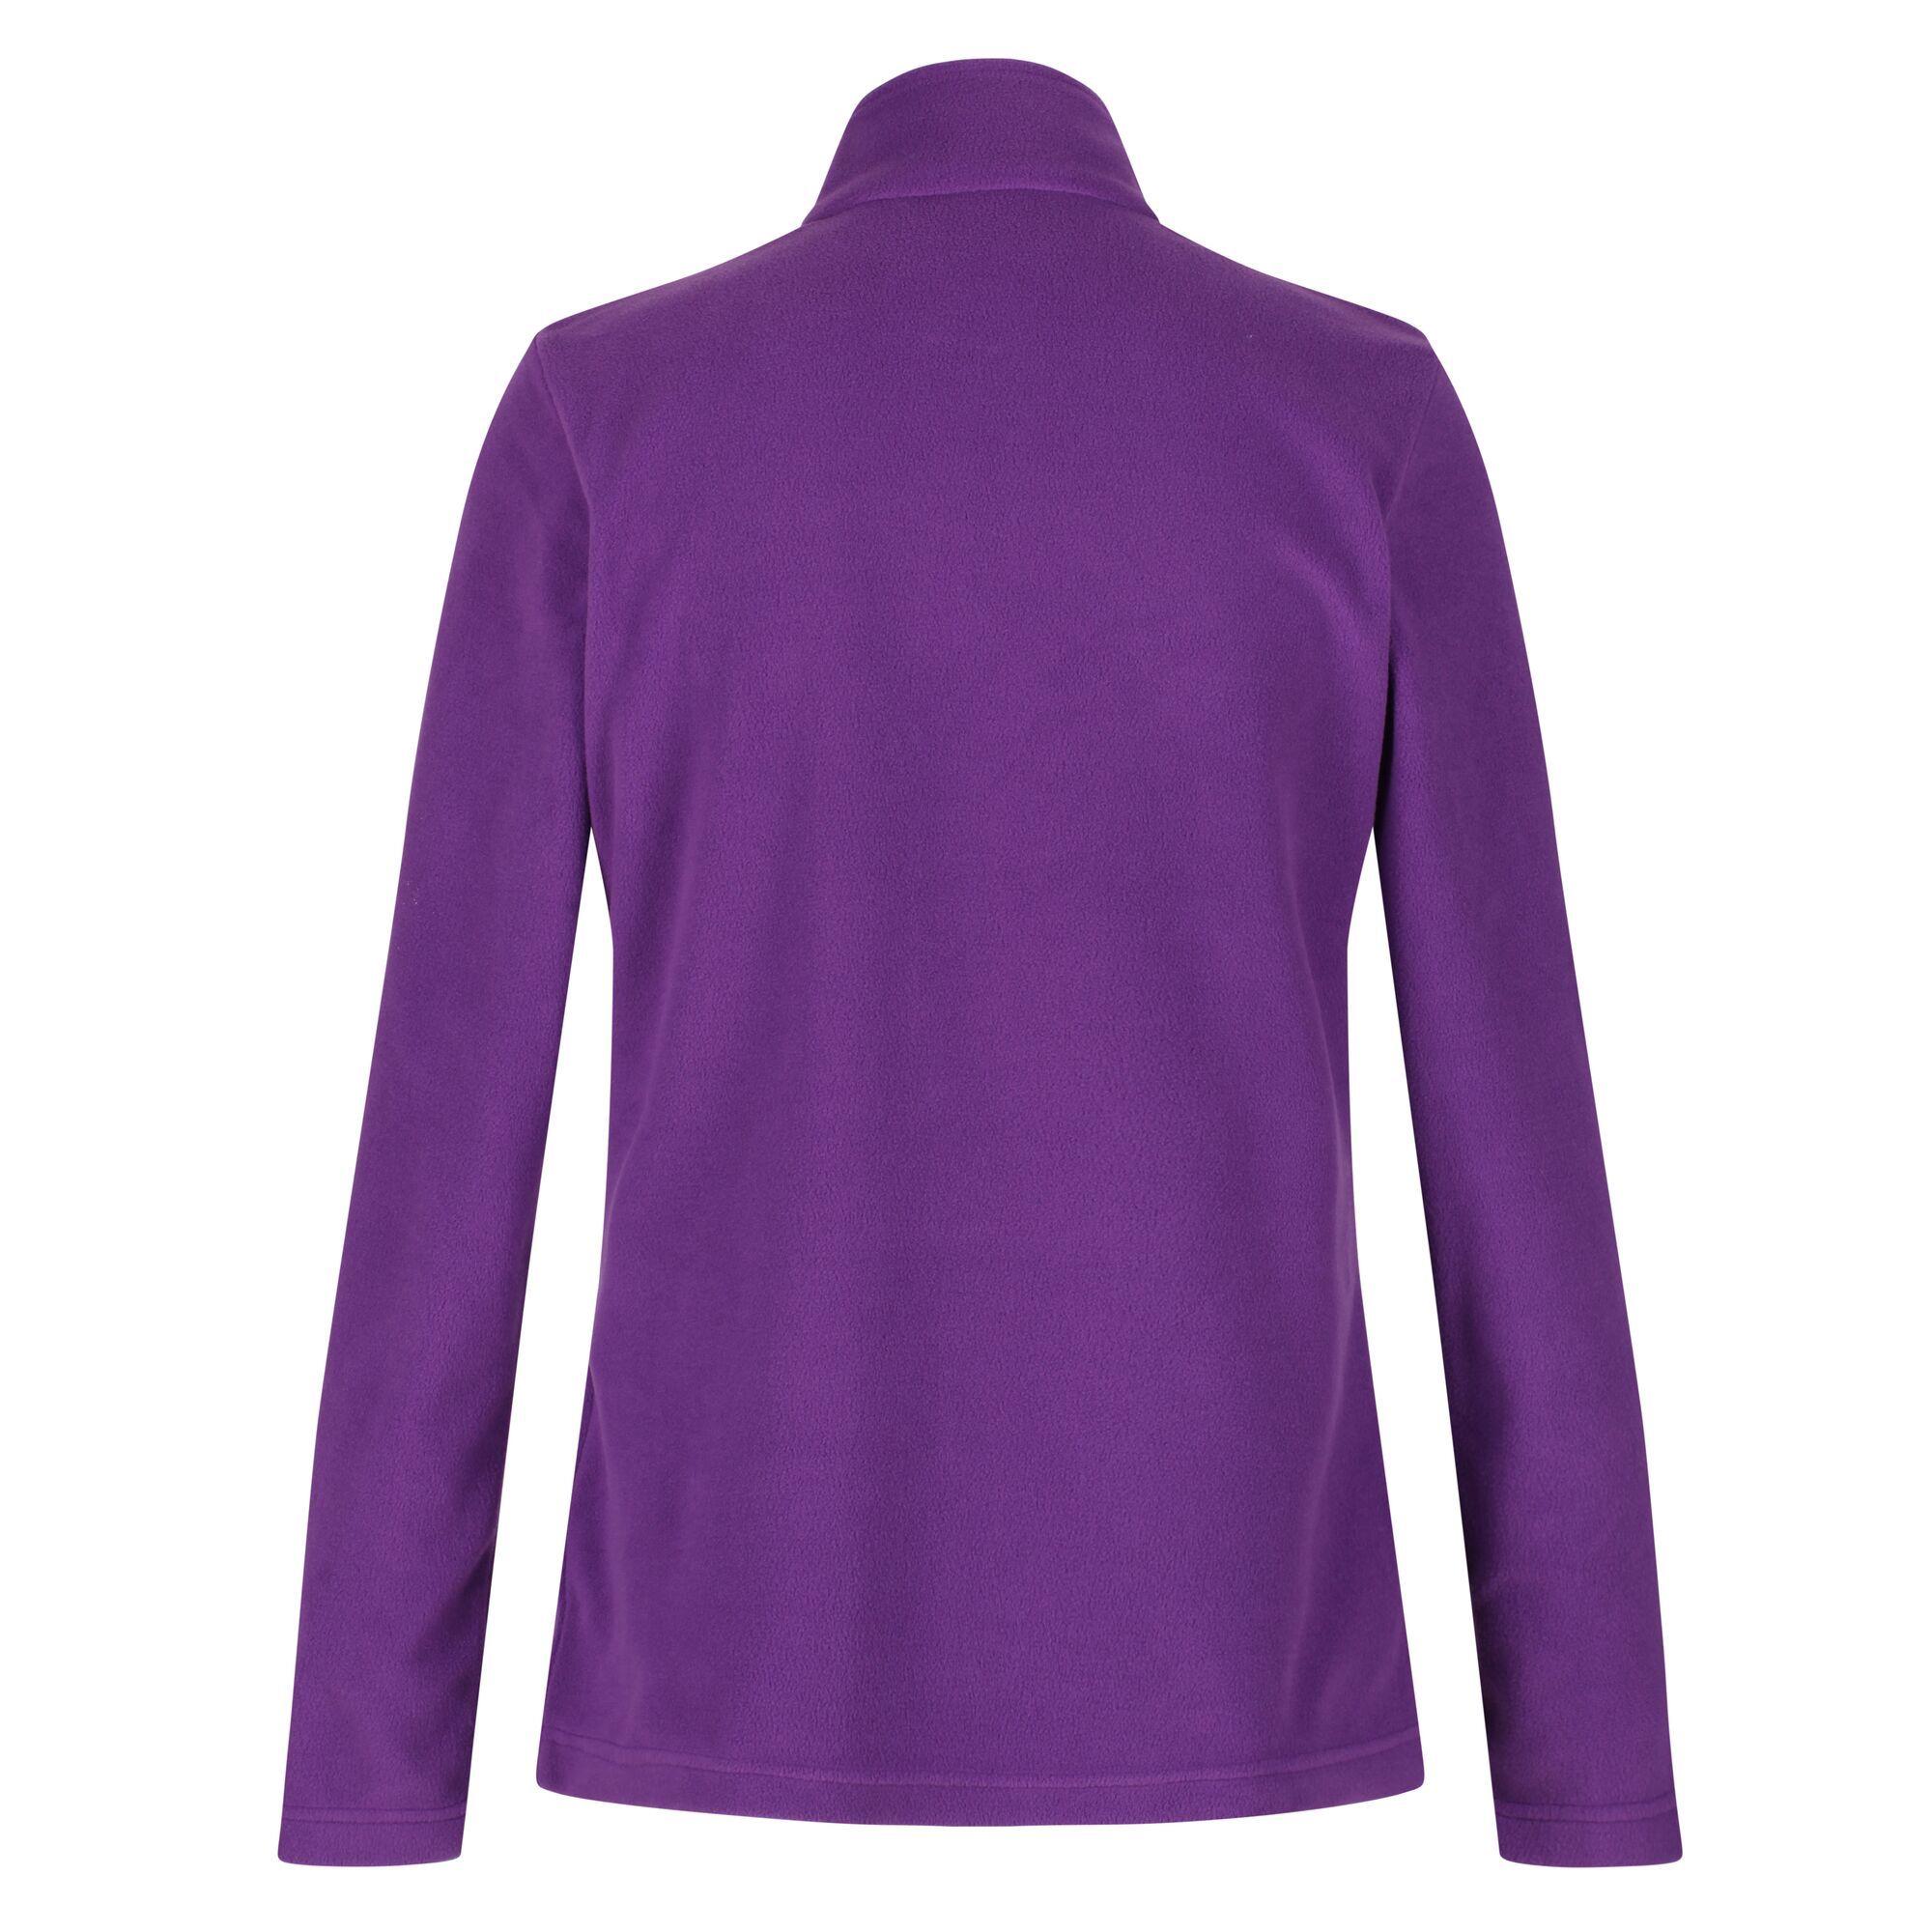 Regatta Great Outdoors Womens/Ladies Sweetheart 1/4 Zip Fleece Top (Plum Wine)